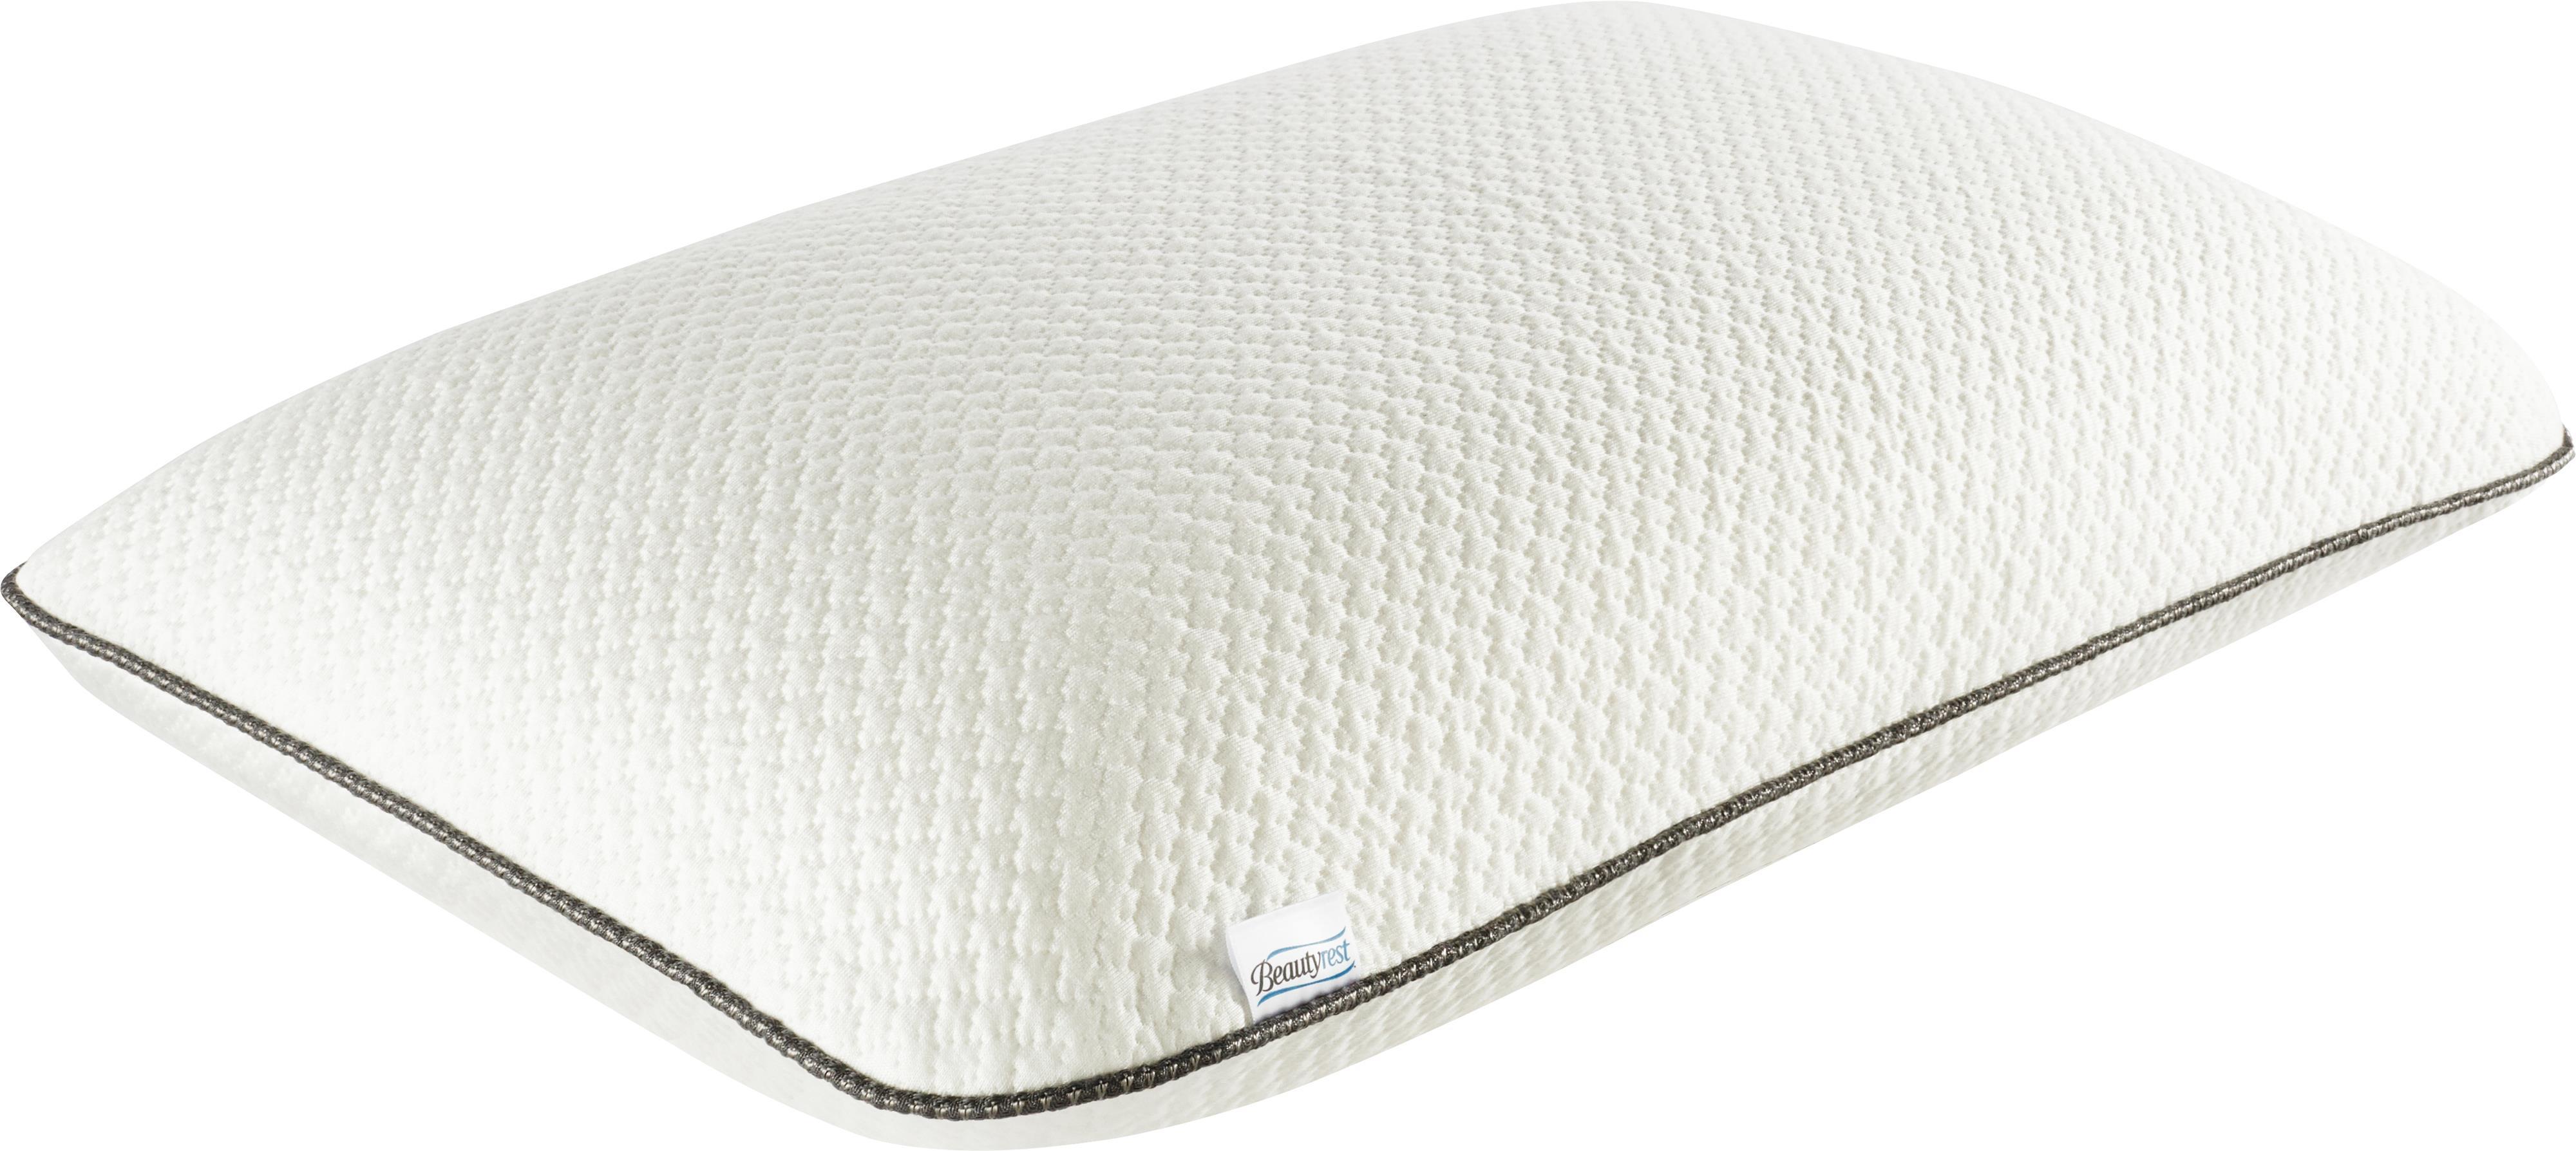 beautyrest simmons pillows free spirit